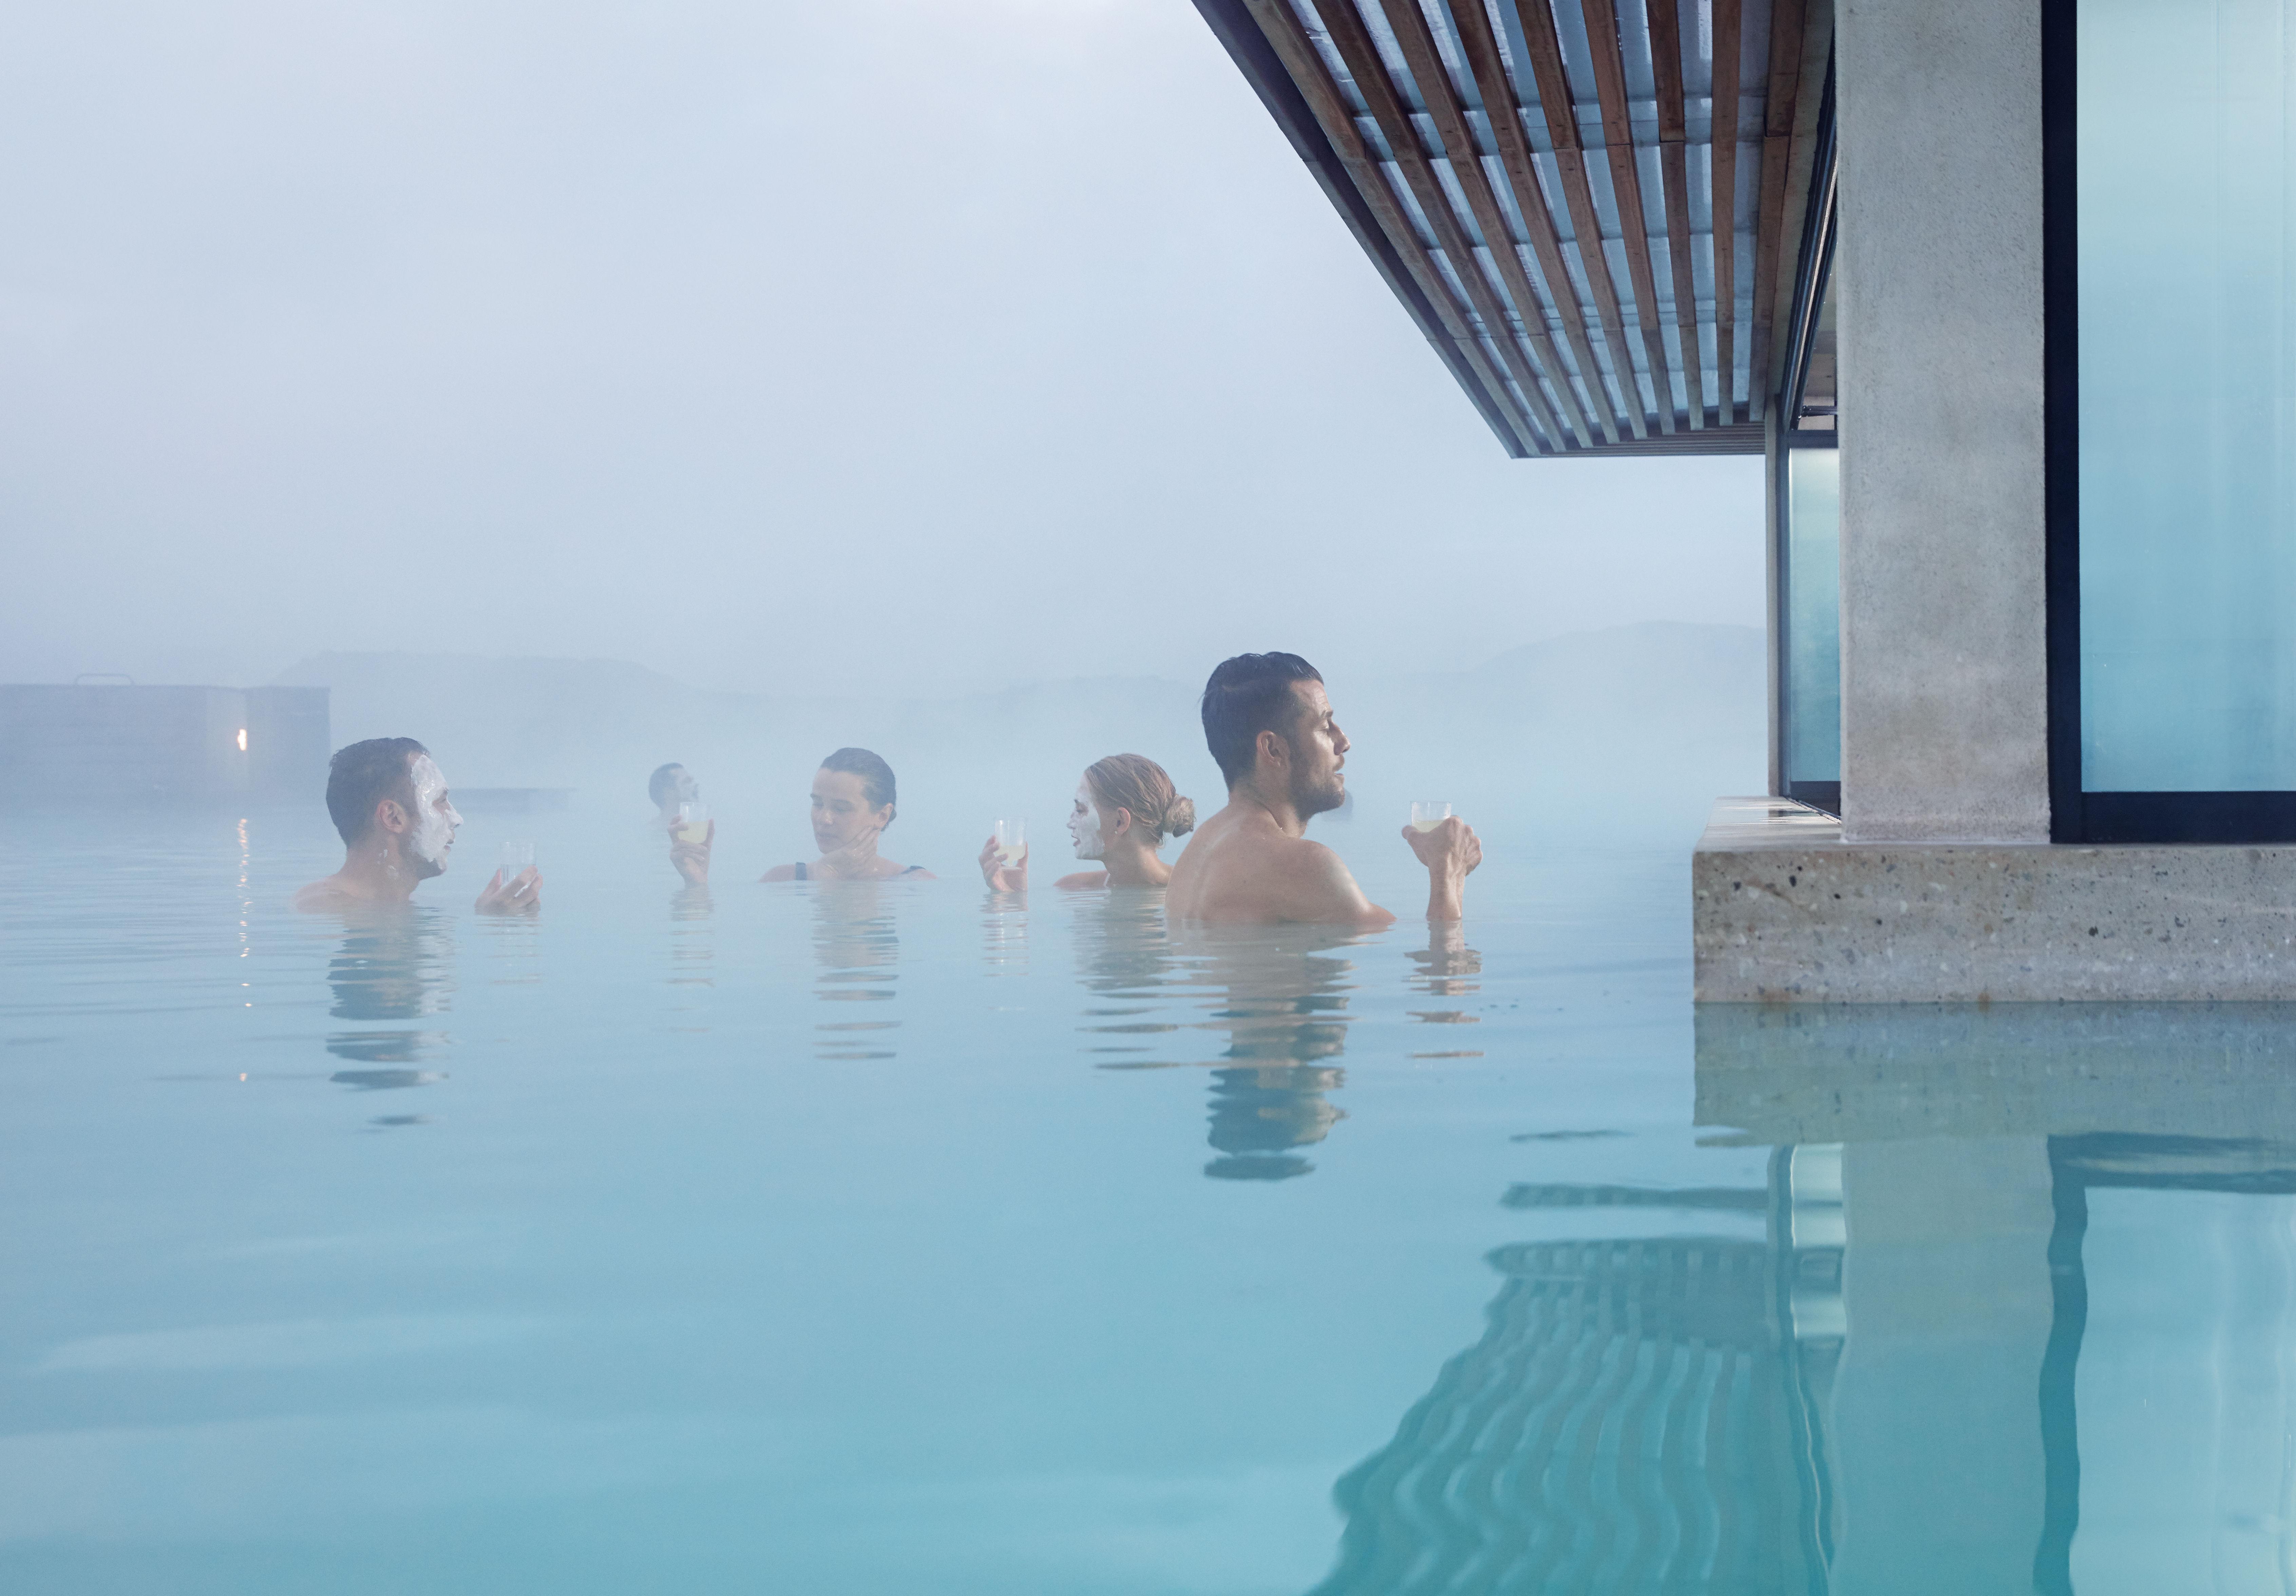 Gäste genießen ihre Zeit in der Blauen Lagune.